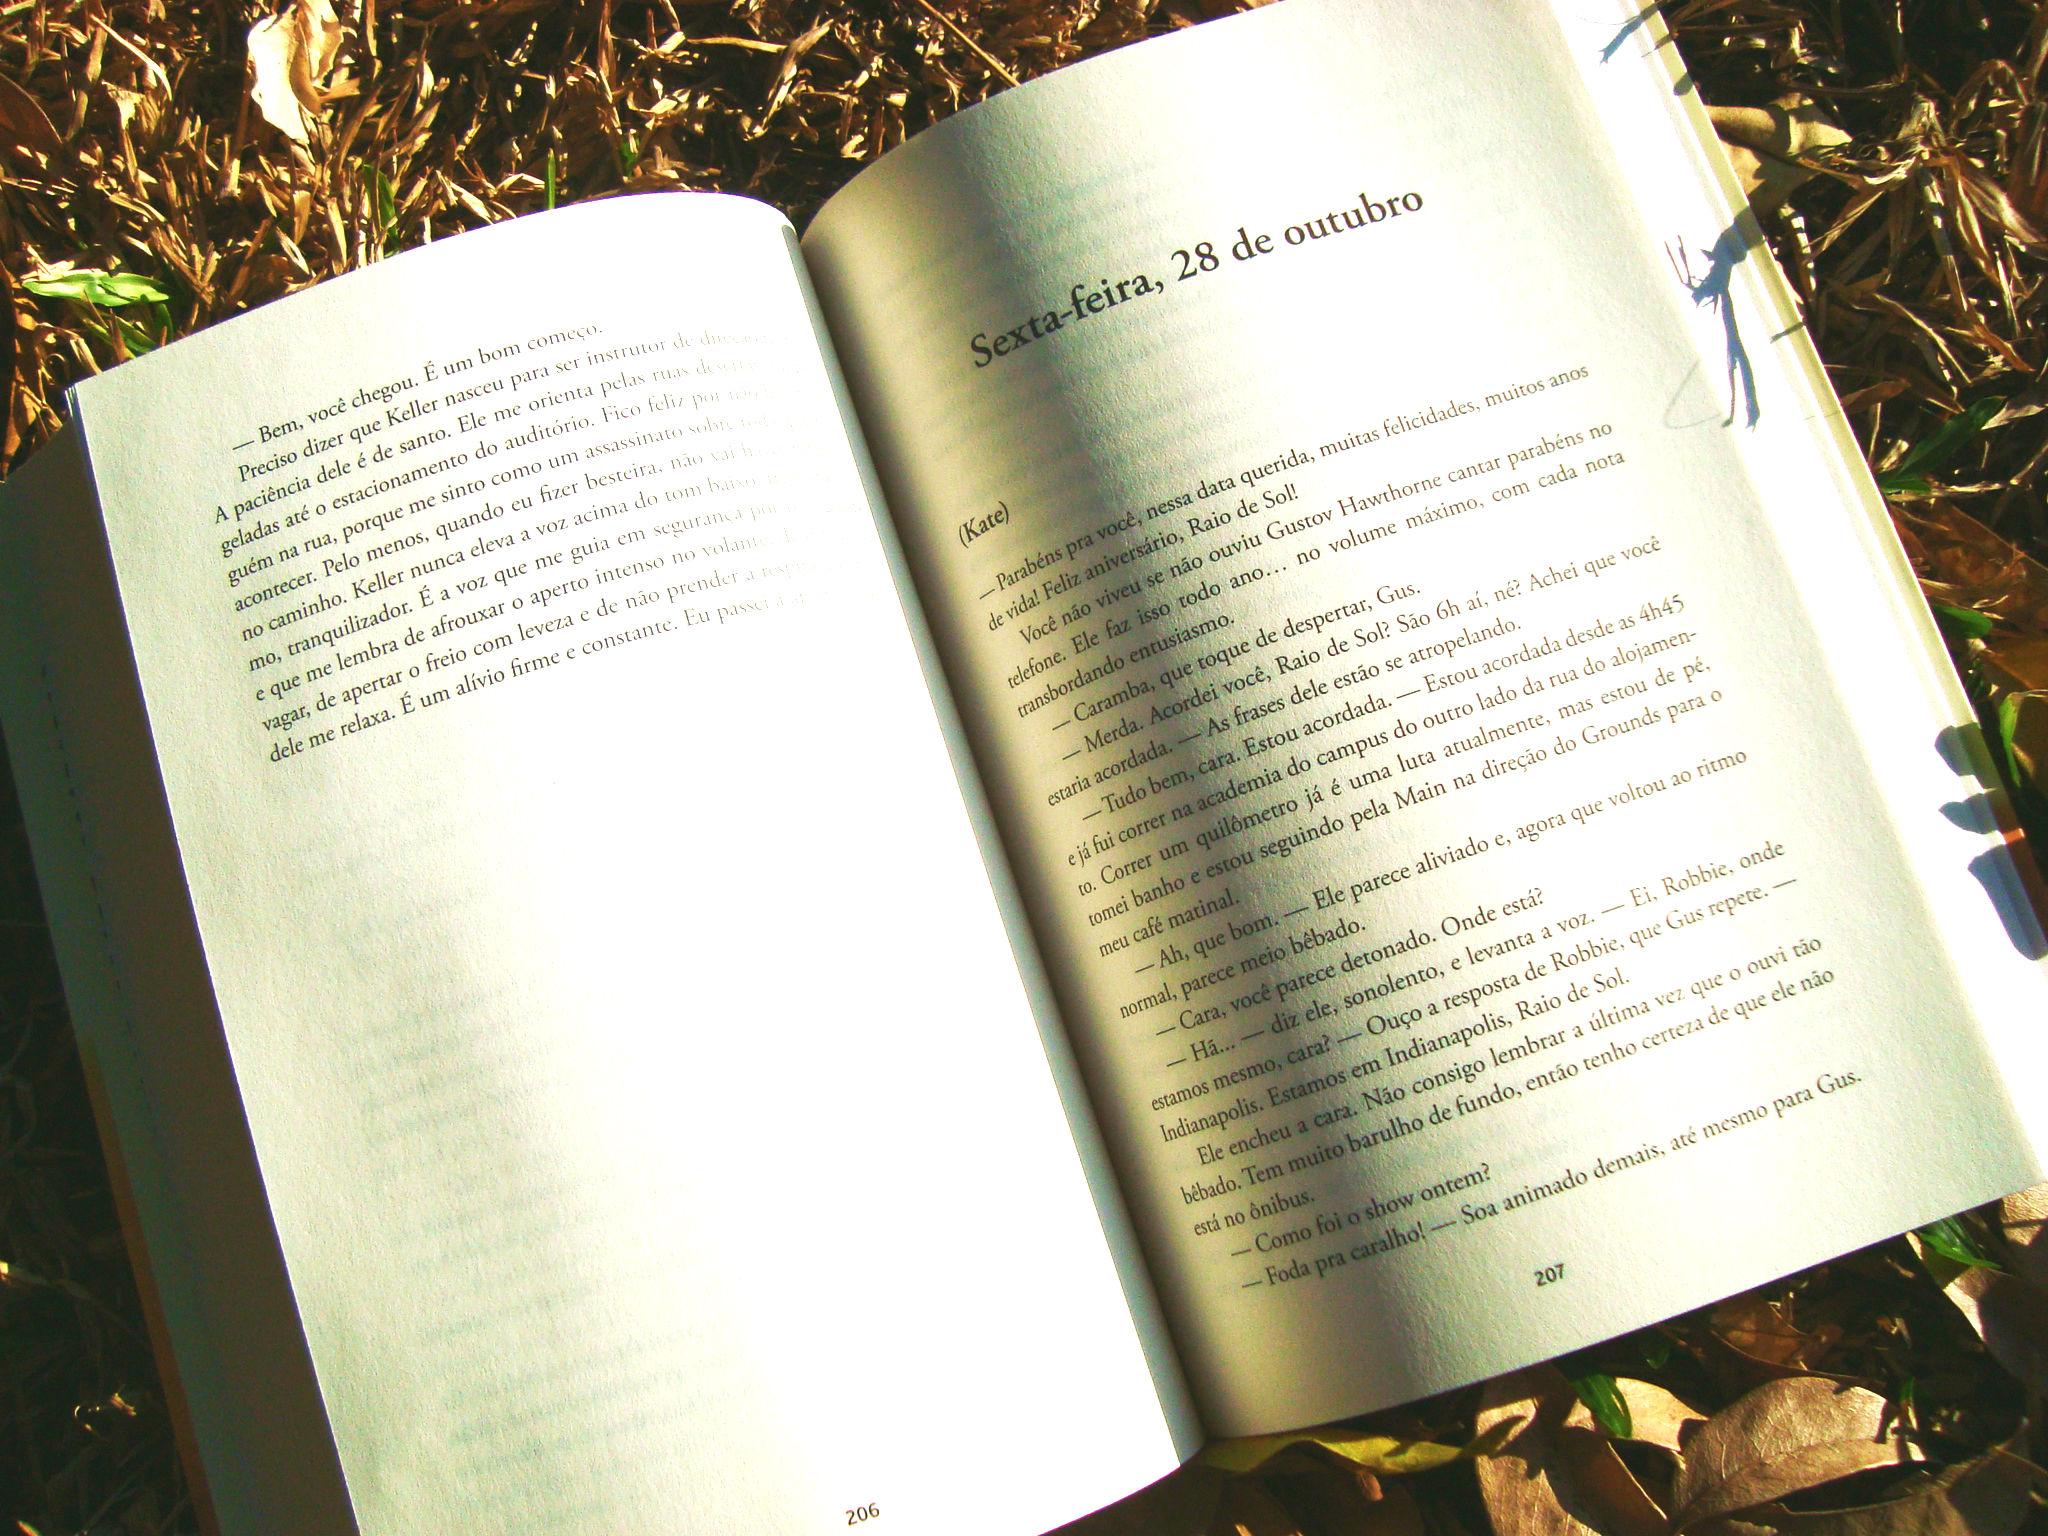 resumo do livro - raio de sol